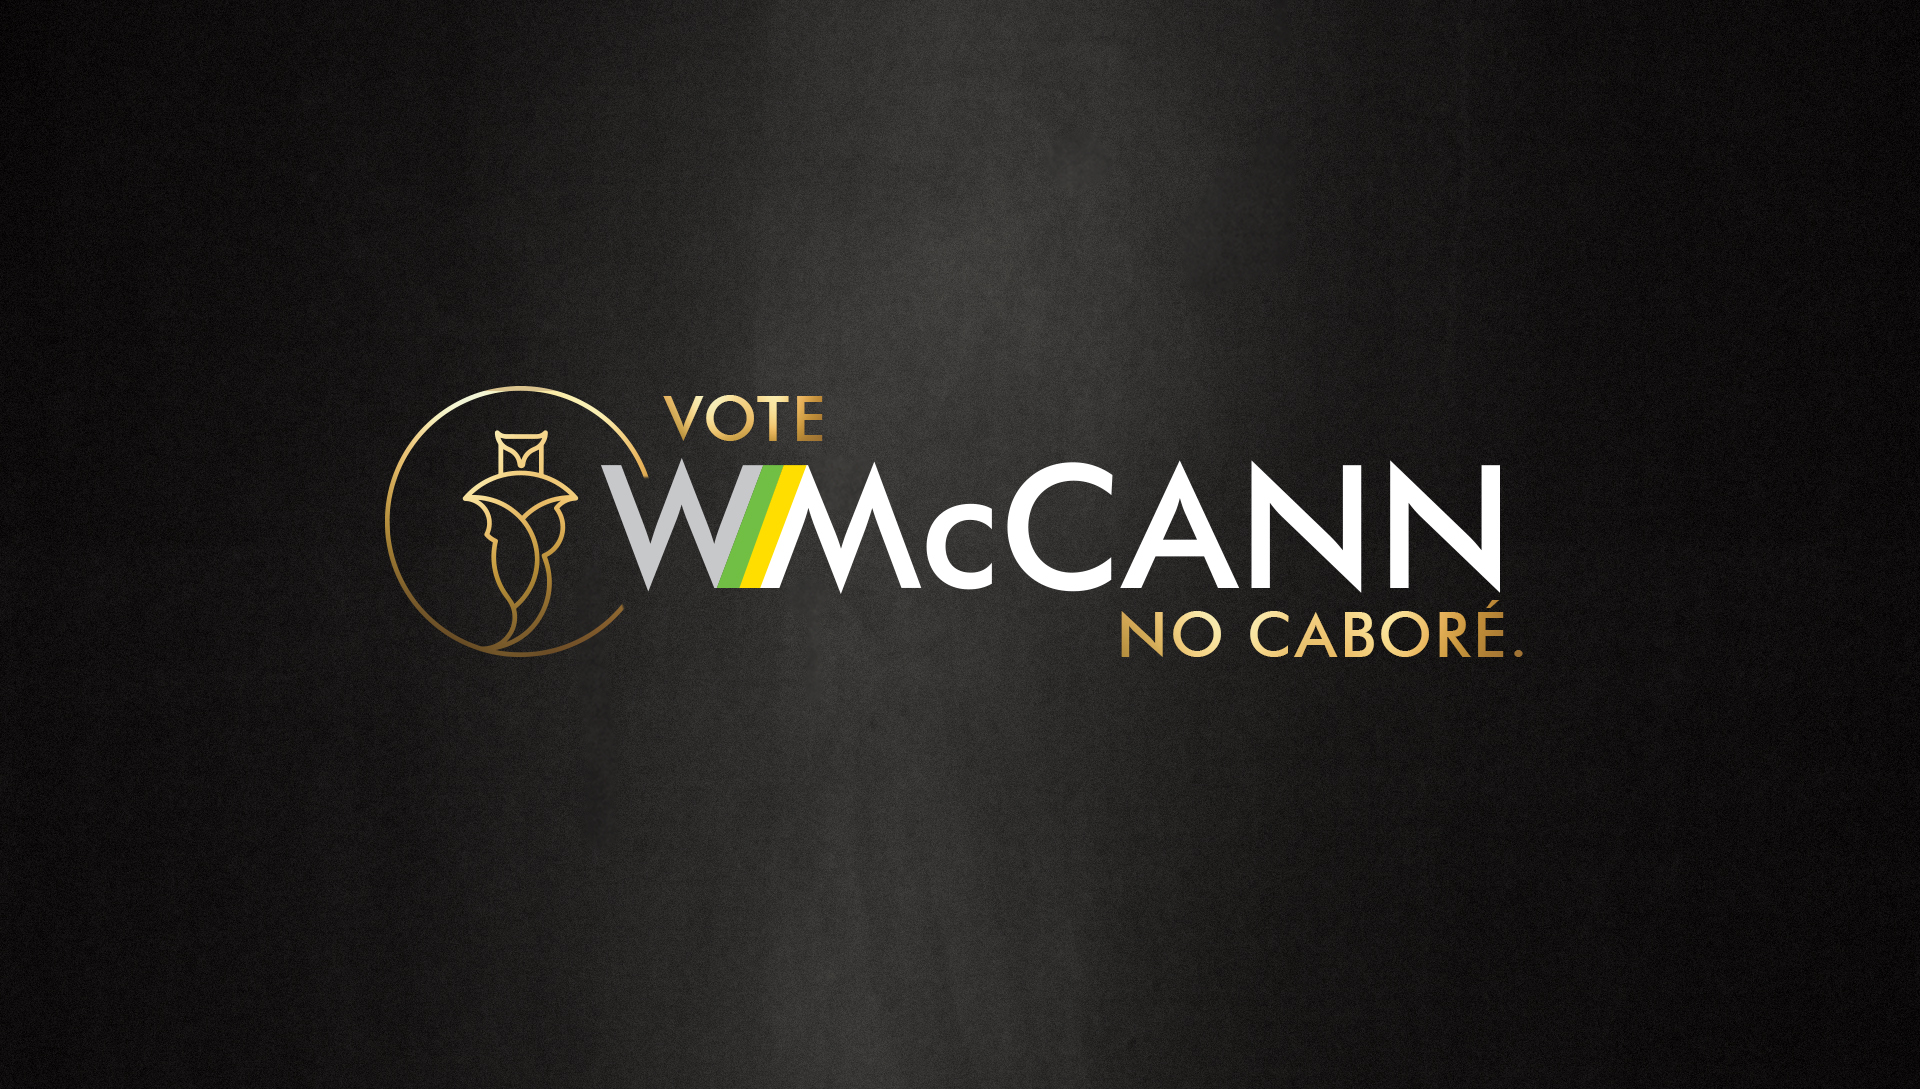 Vote WMcCann no Caboré